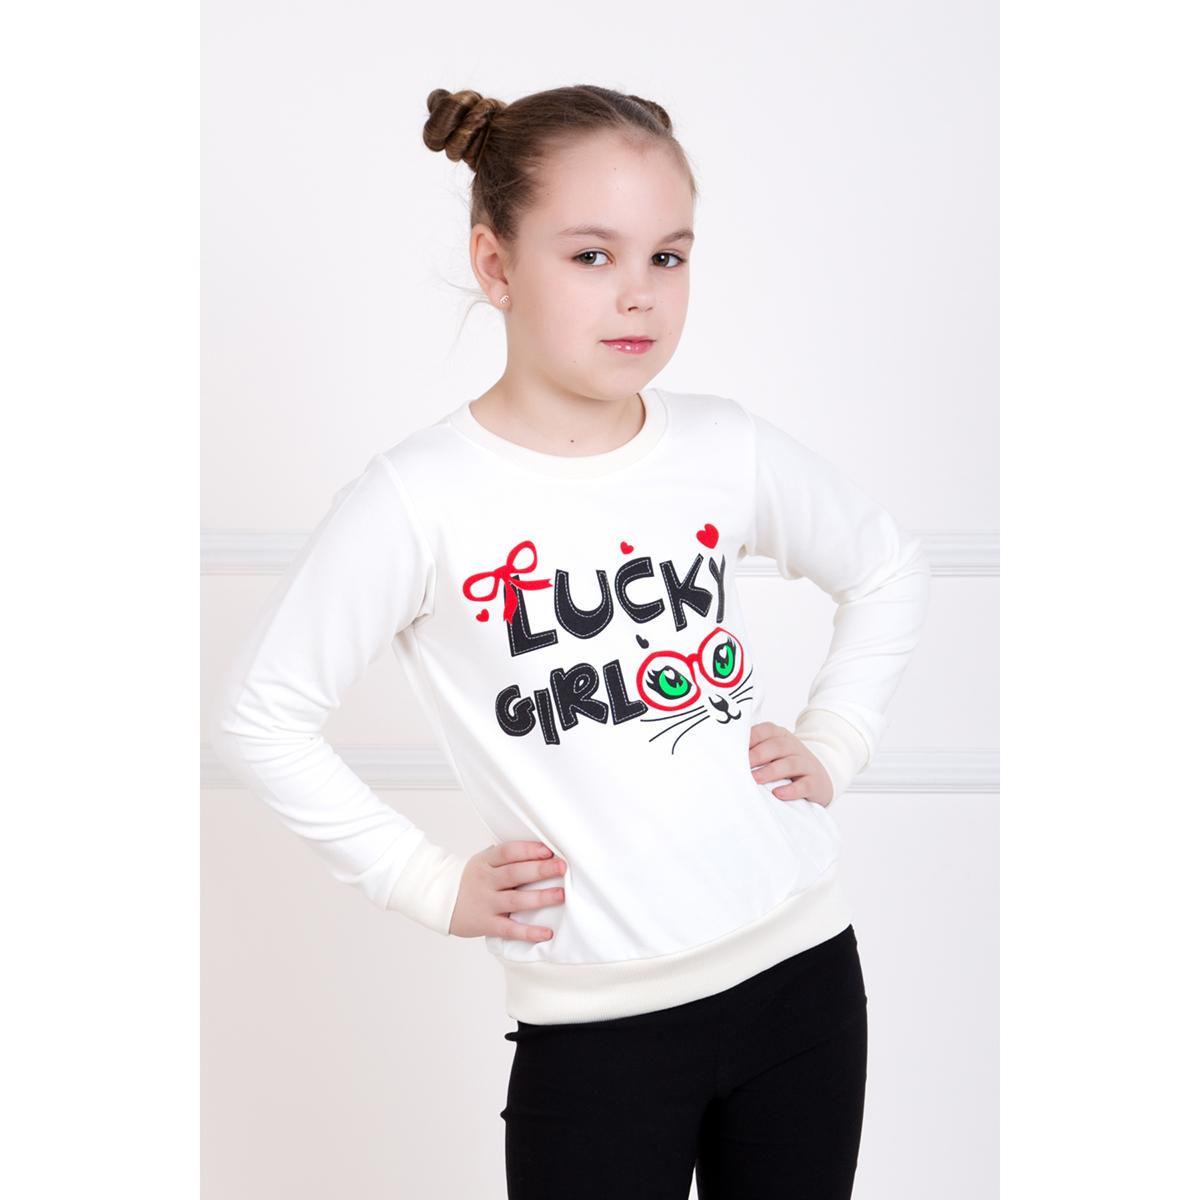 Детская толстовка Наслаждение, размер 6 летТолстовки, джемпера и рубашки<br><br><br>Тип: Жен. кофта<br>Размер: 6 лет<br>Материал: Футер